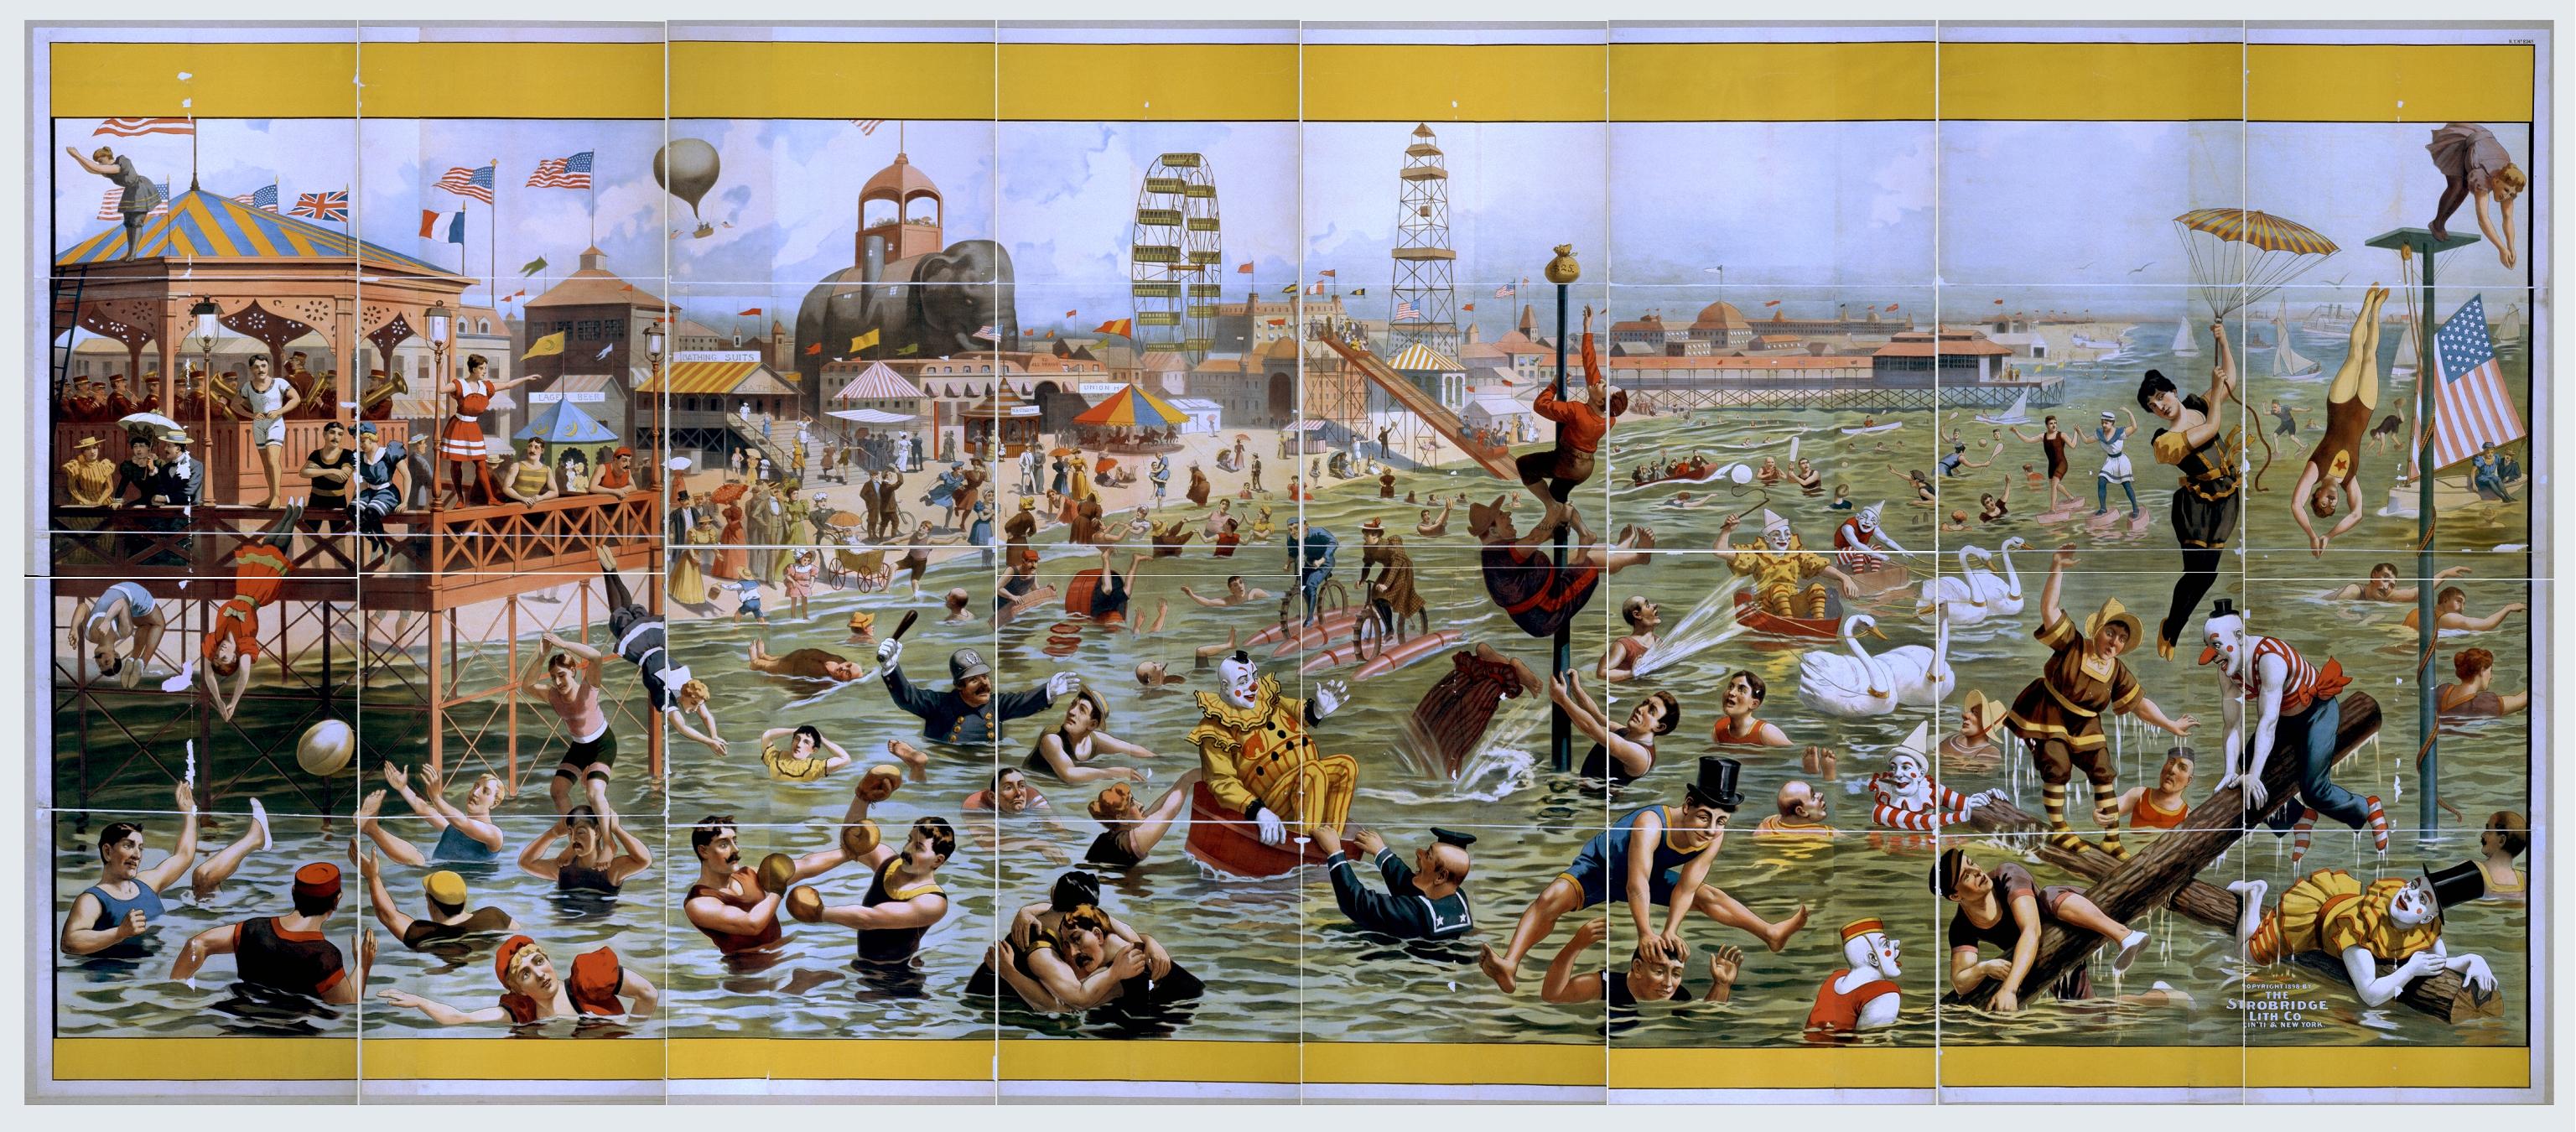 Coney Island Wikipedia Portugues